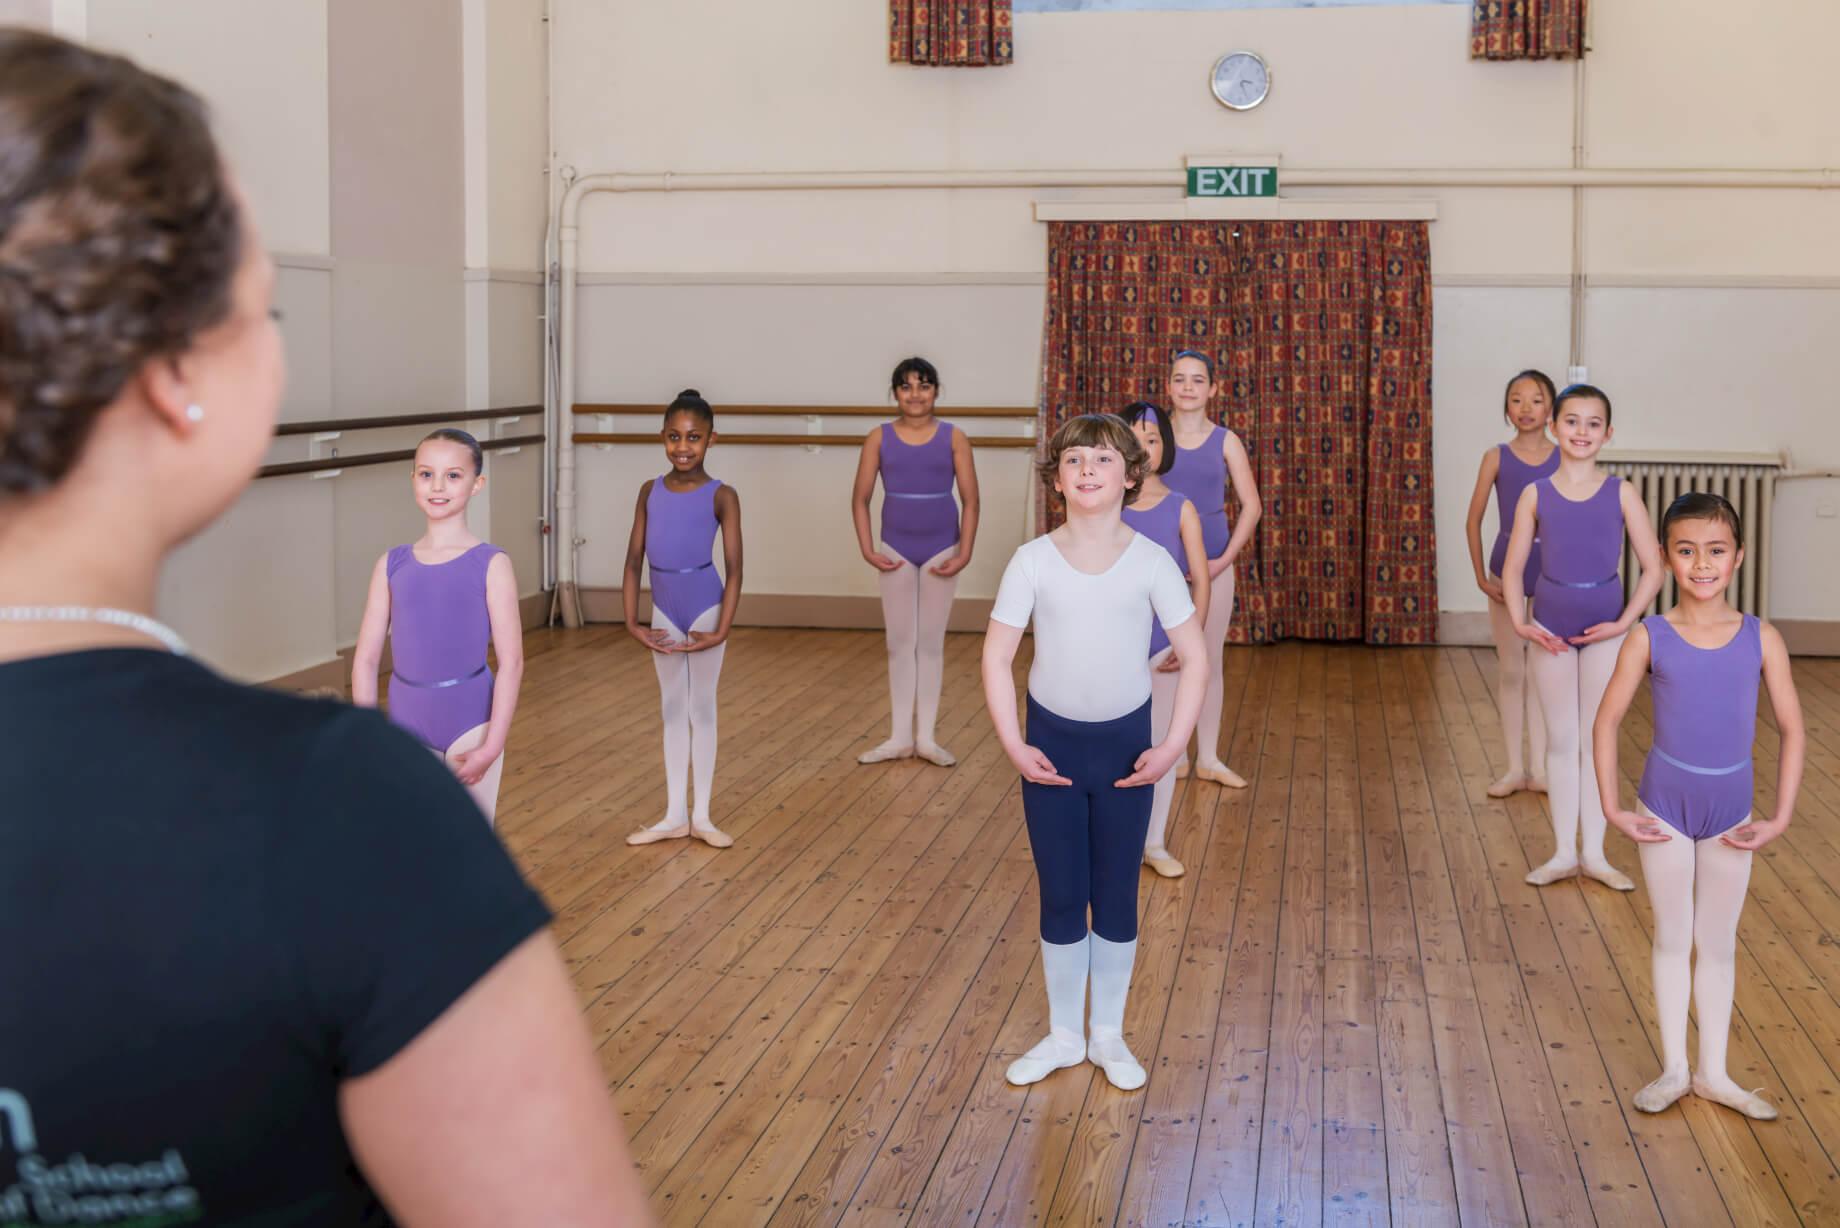 ballet-class-rnsd-principal-watching-pupils-rutleigh-norris-school-of-dance-boy-centre.jpg